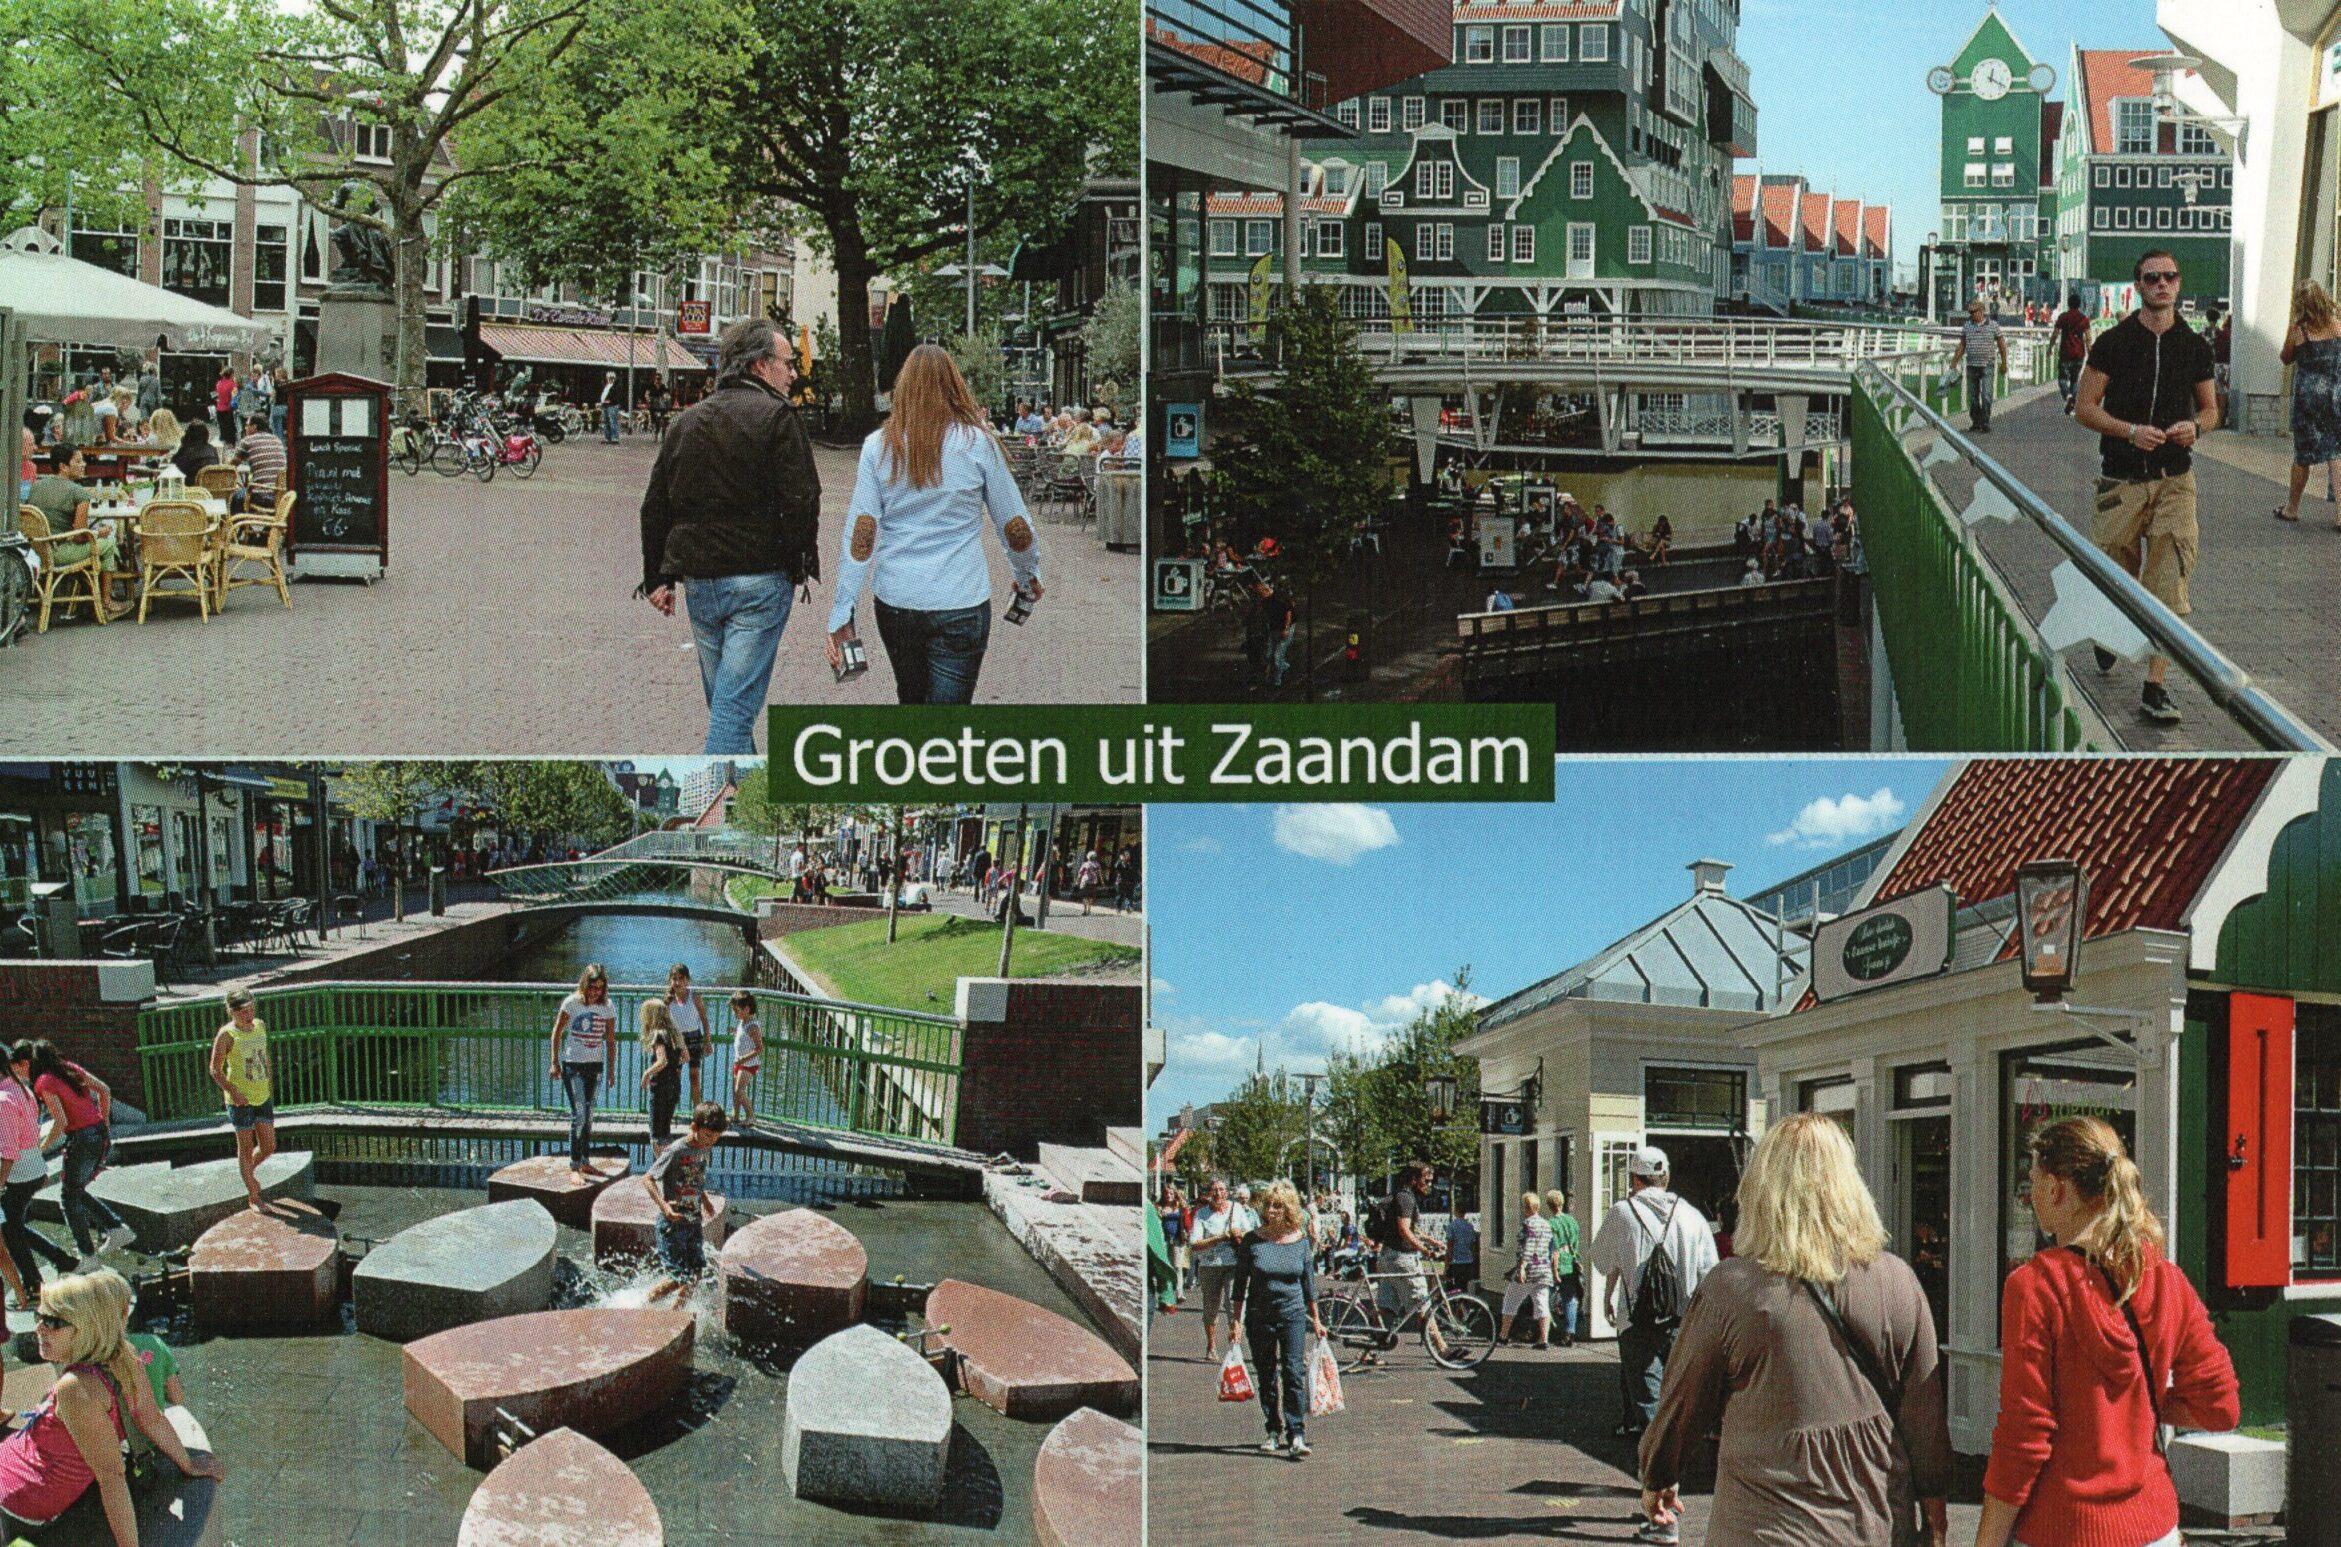 Groeten uit Zaandam